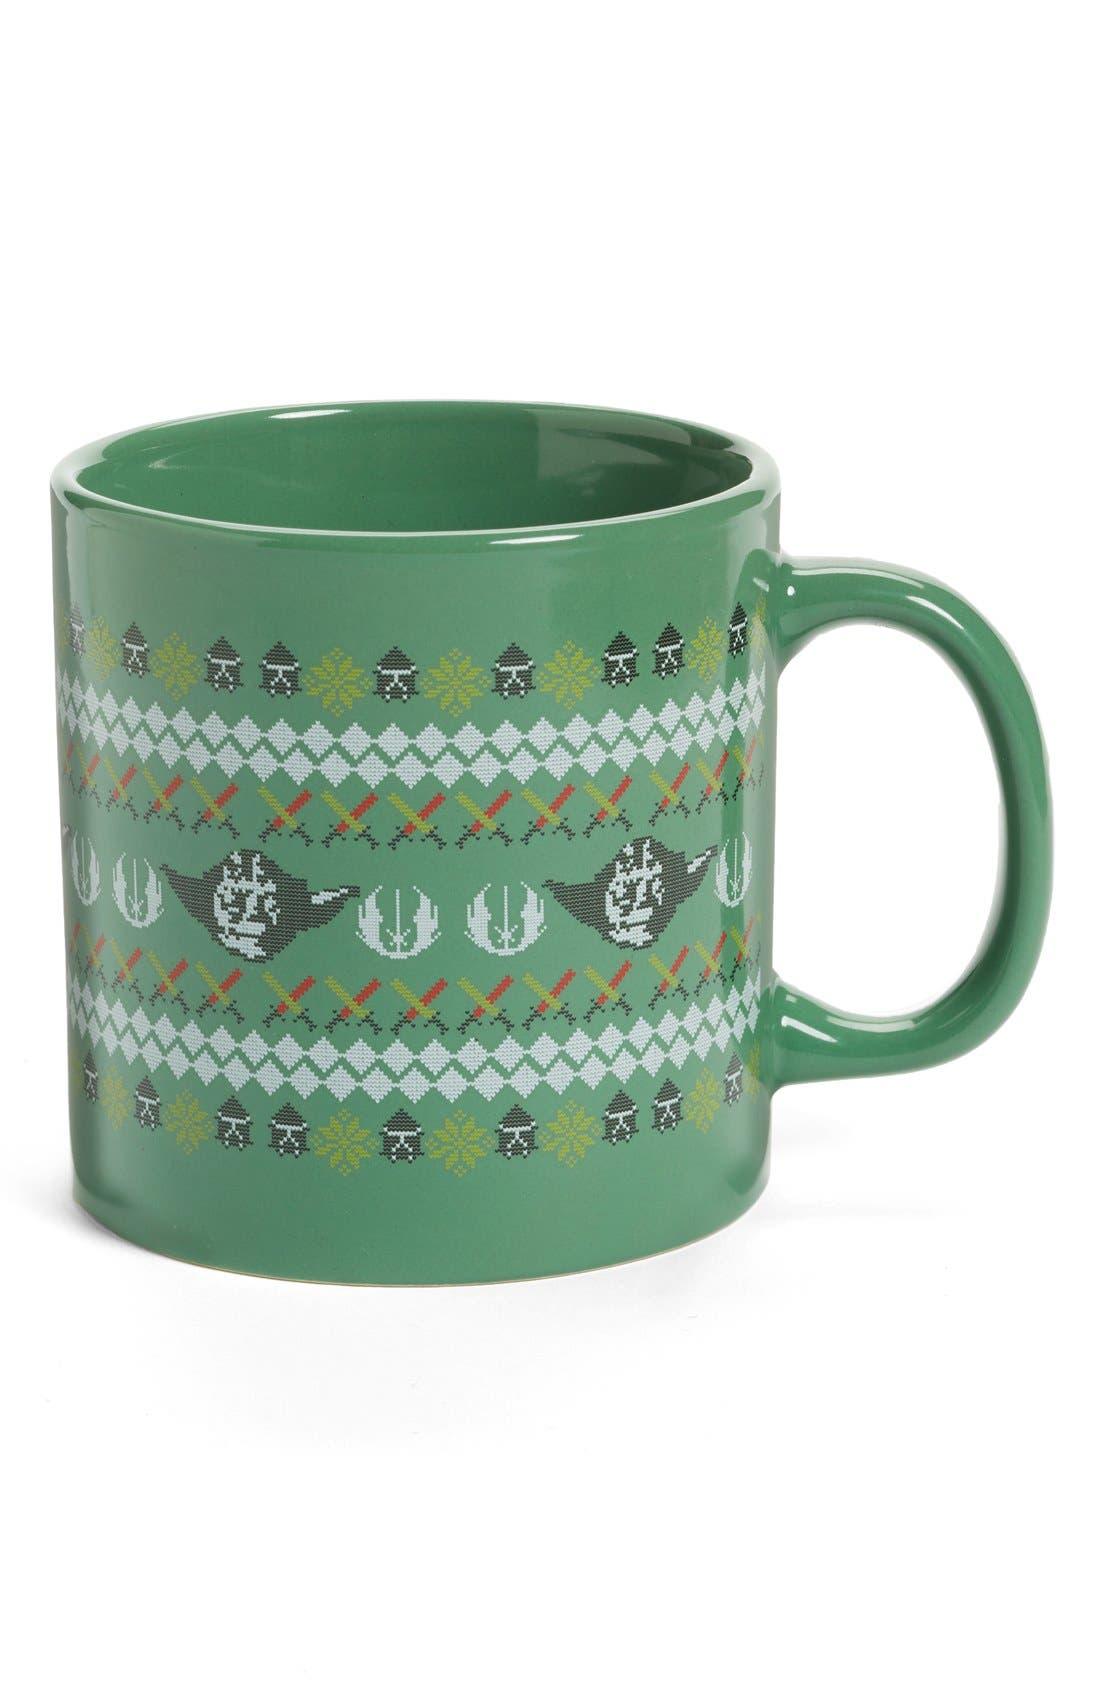 Main Image - Vandor Star Wars Christmas Mug